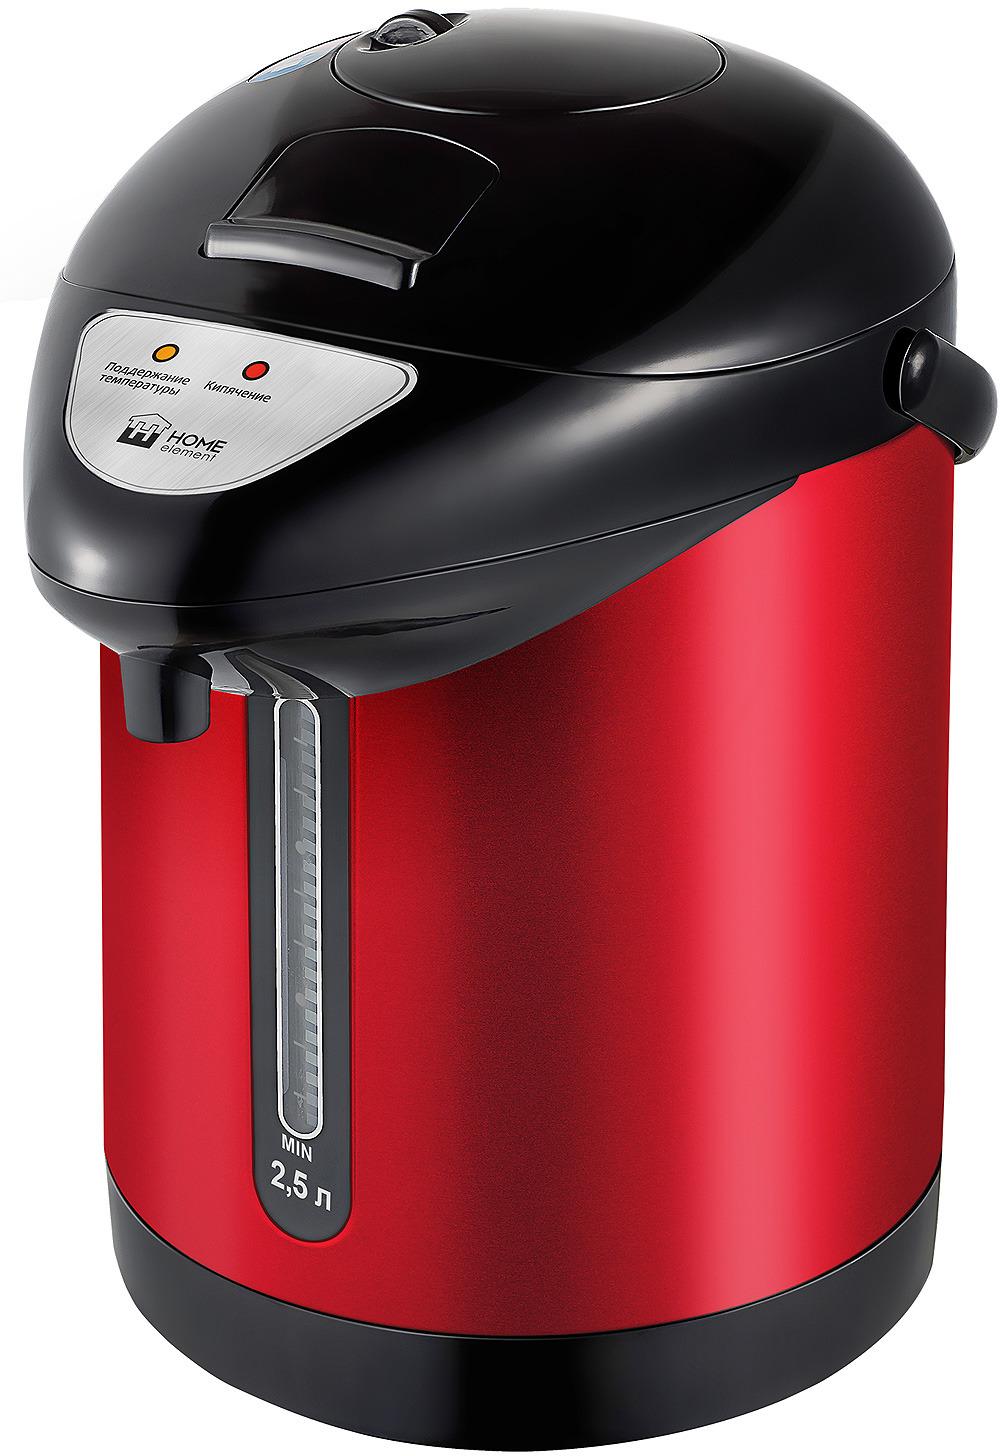 Термопот Home Element HE-TP621, красный рубин термопот home element he tp621 красный рубин